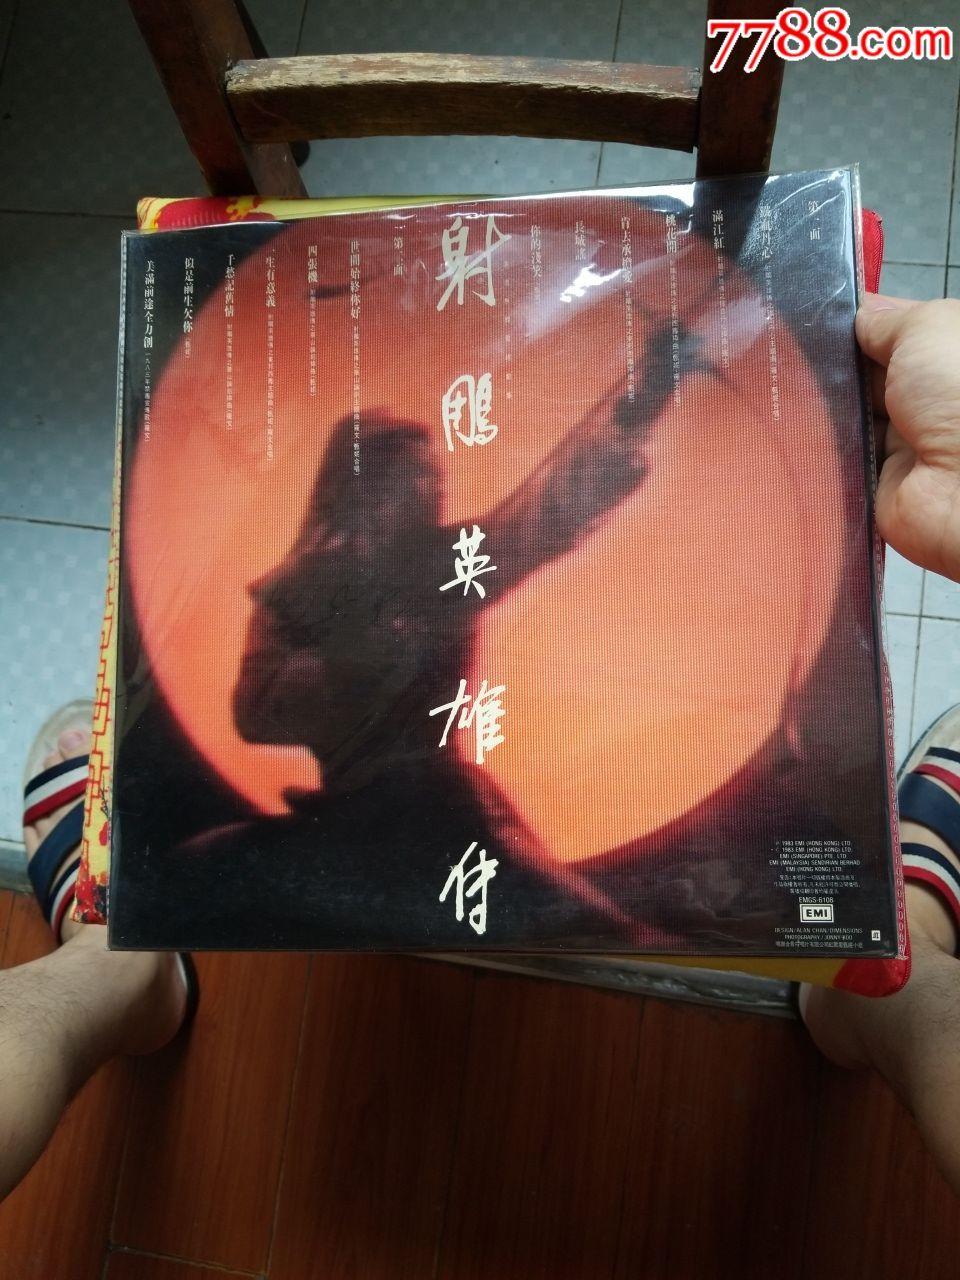 射雕英雄传黑胶唱片lp(se68086860)_